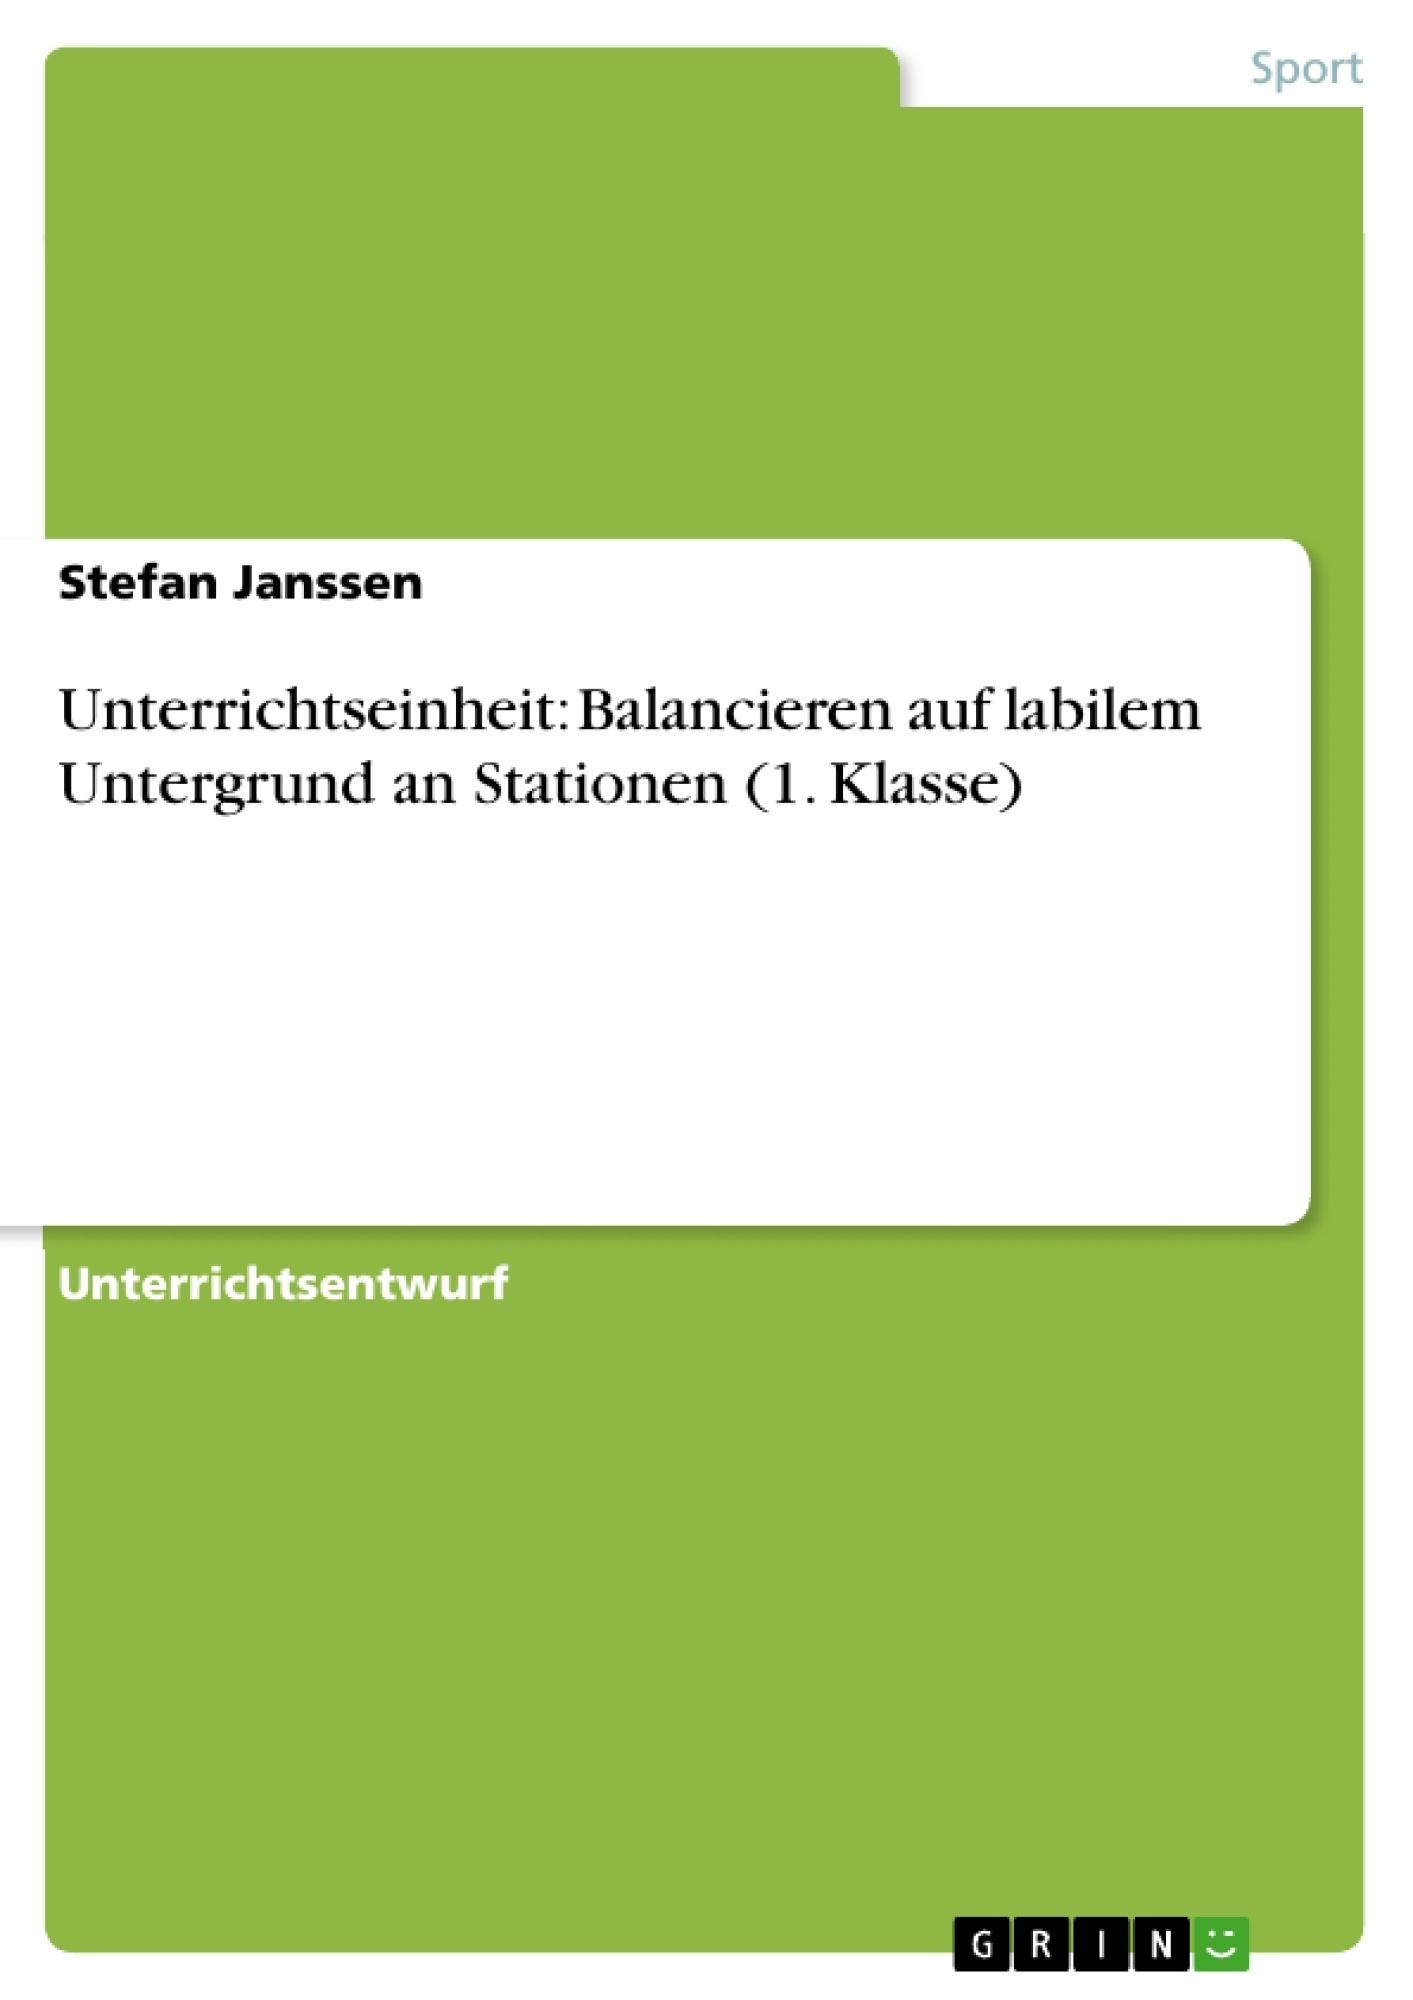 Titel: Unterrichtseinheit: Balancieren auf labilem Untergrund an Stationen (1. Klasse)